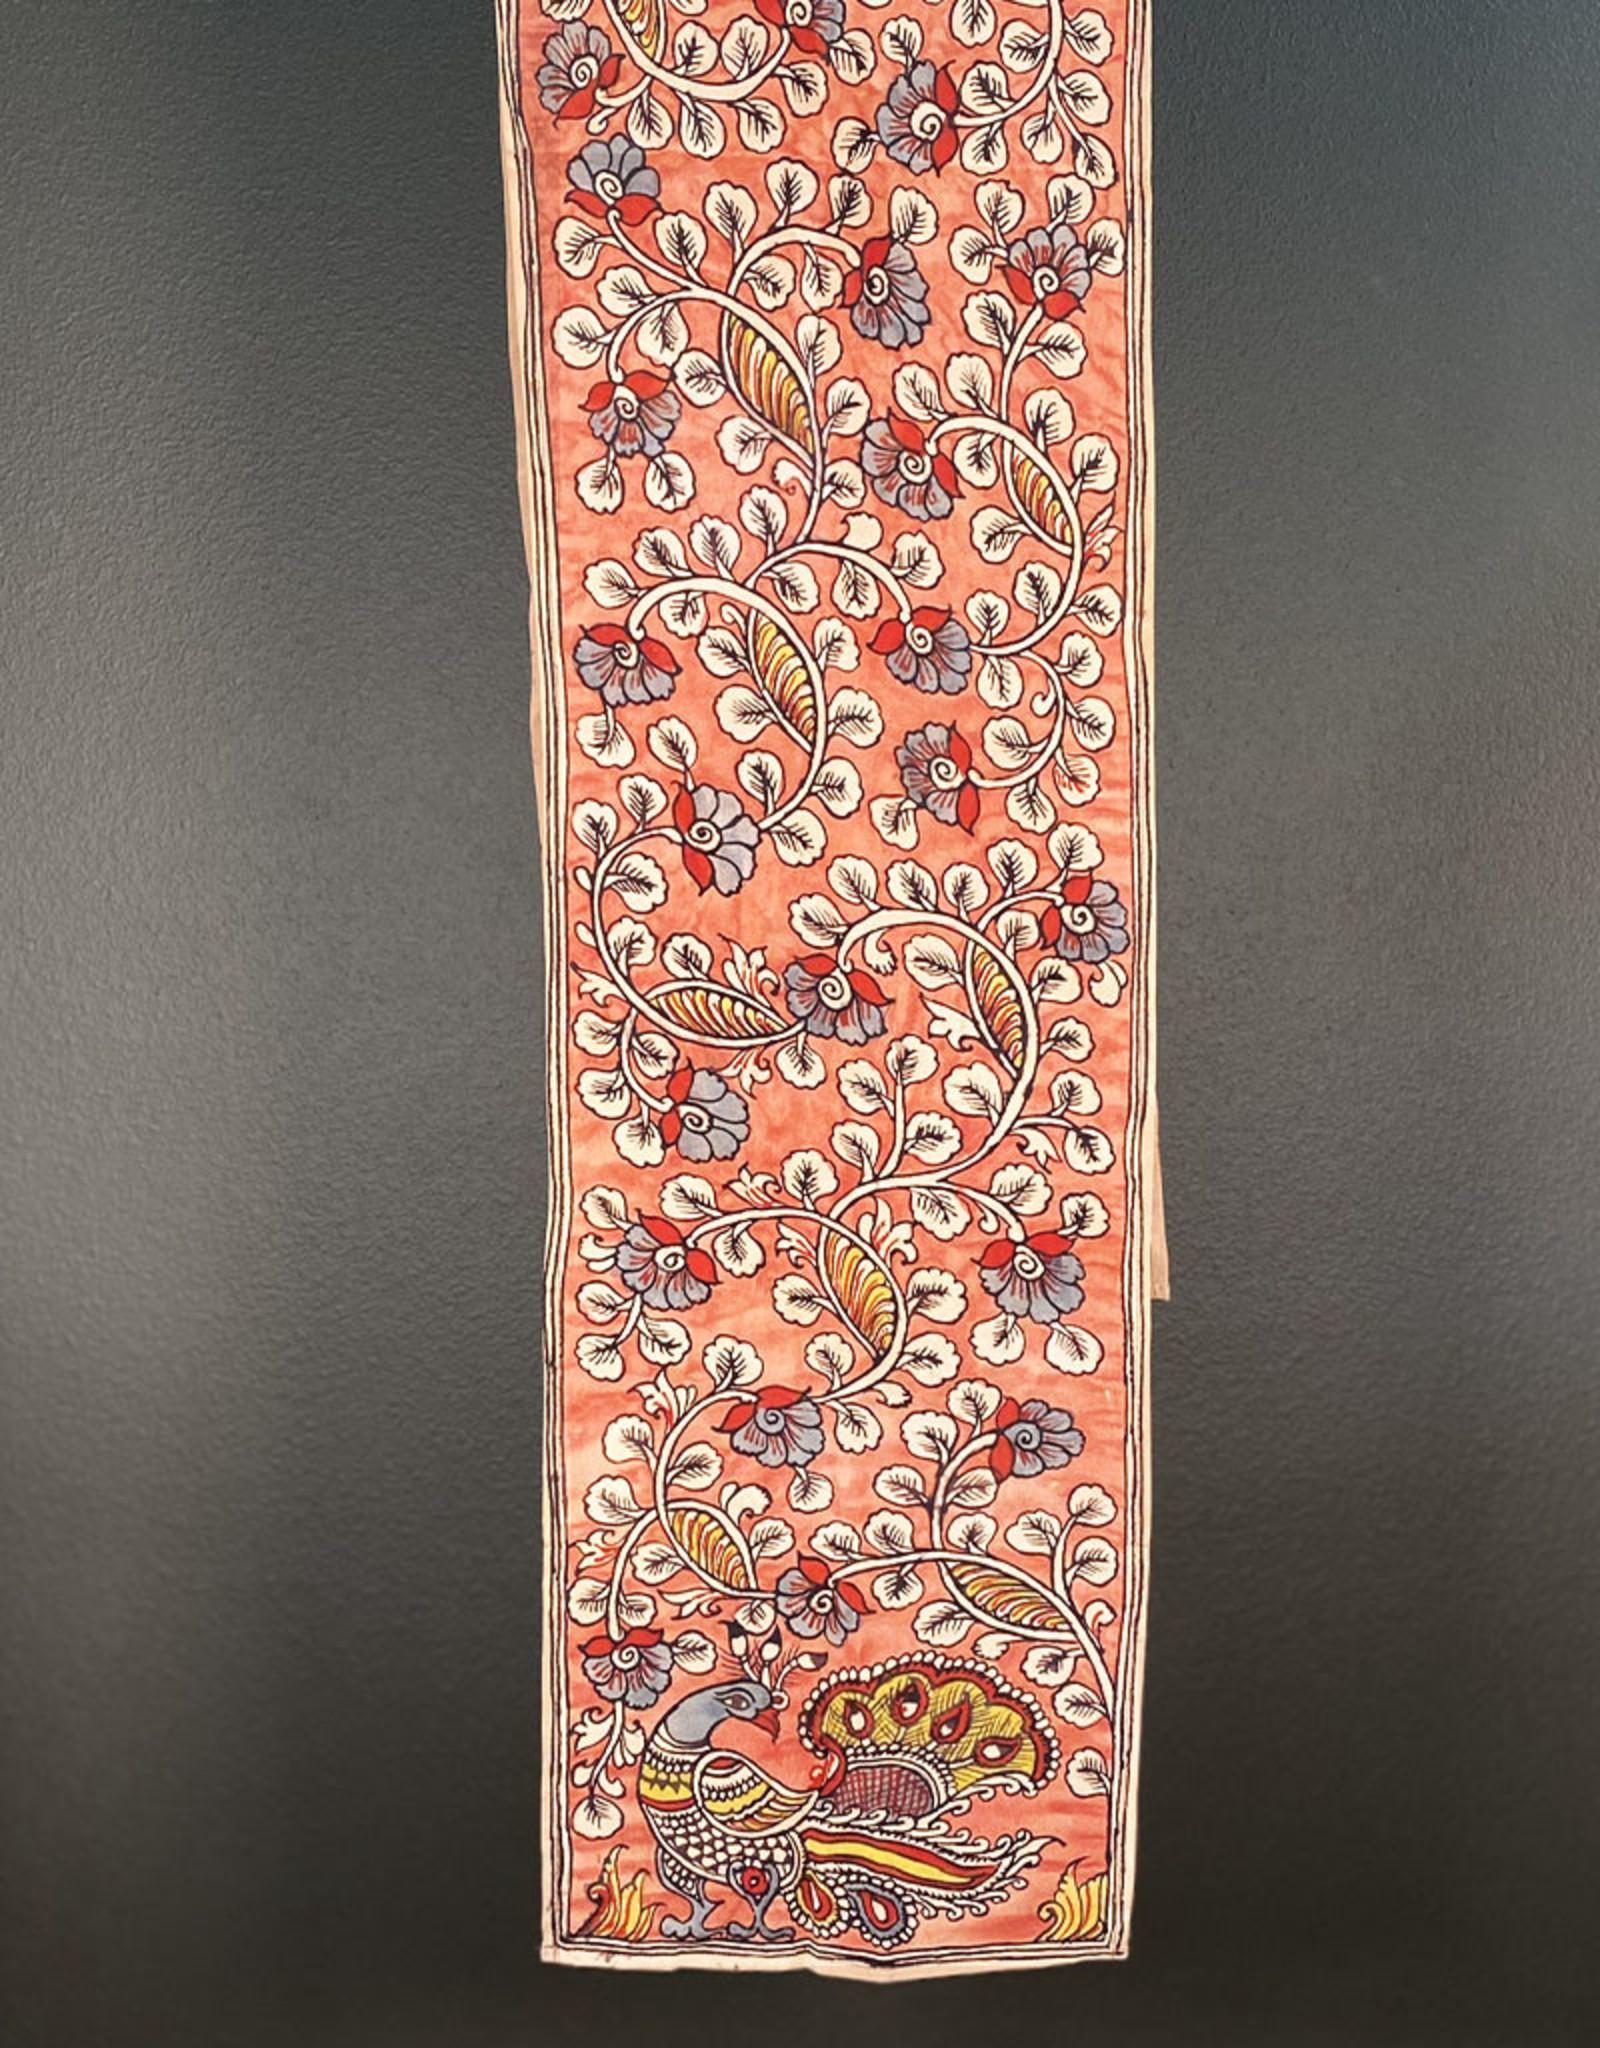 Dwaraka Hand Painted Silk Chiffon Scarf Rose